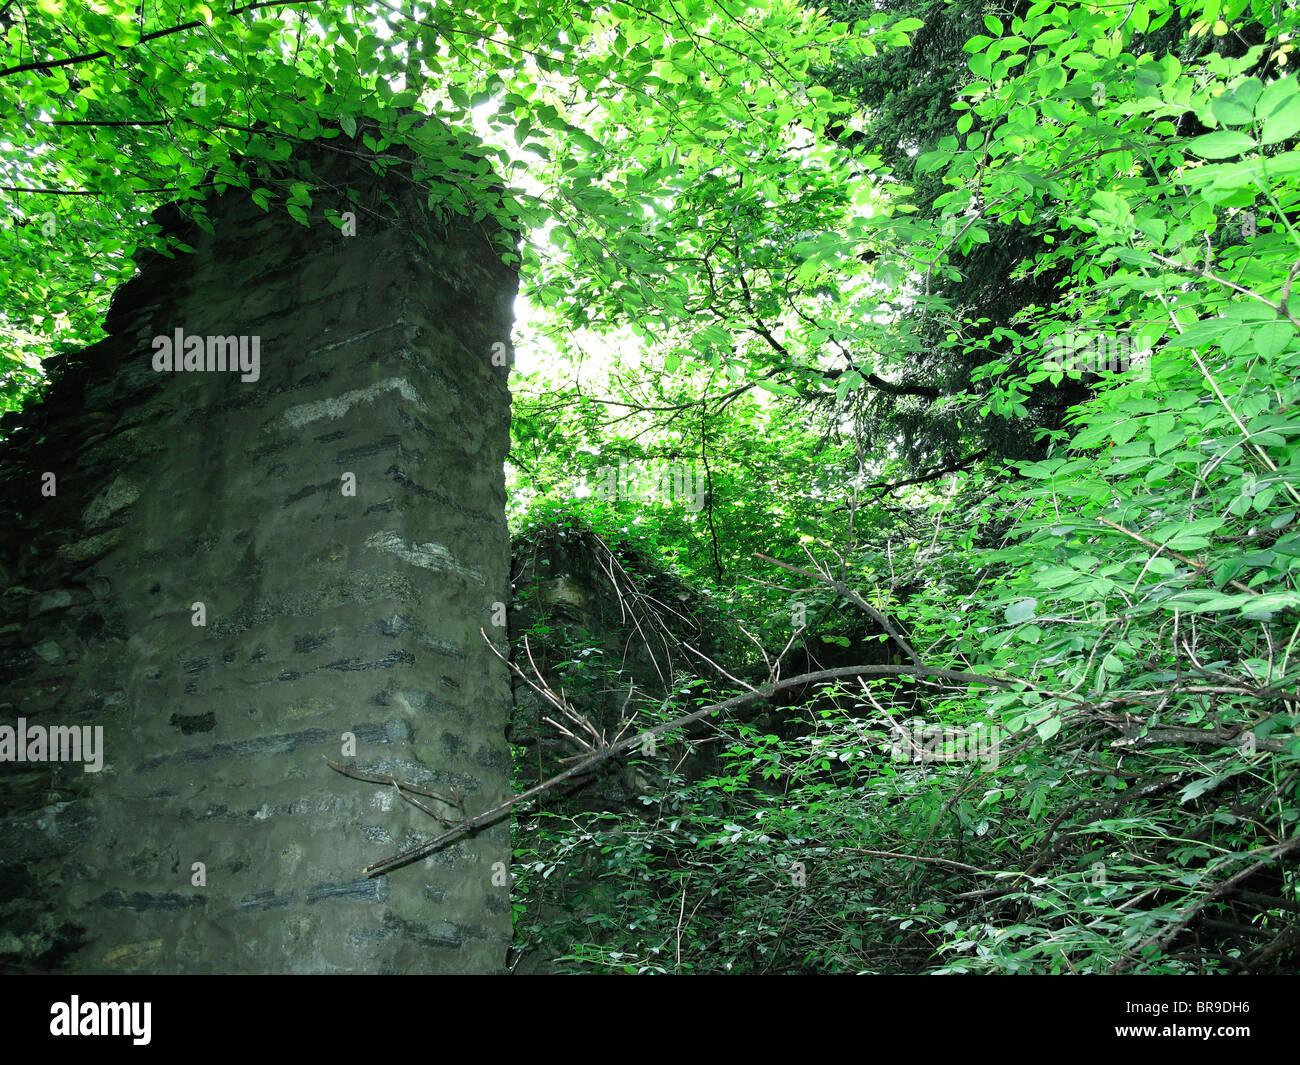 Ruinen von Wohnhaus - üppige Vegetation nach Regenschauer (in der Nähe von Dorf von Ascona) - Kanton Tessin Stockbild